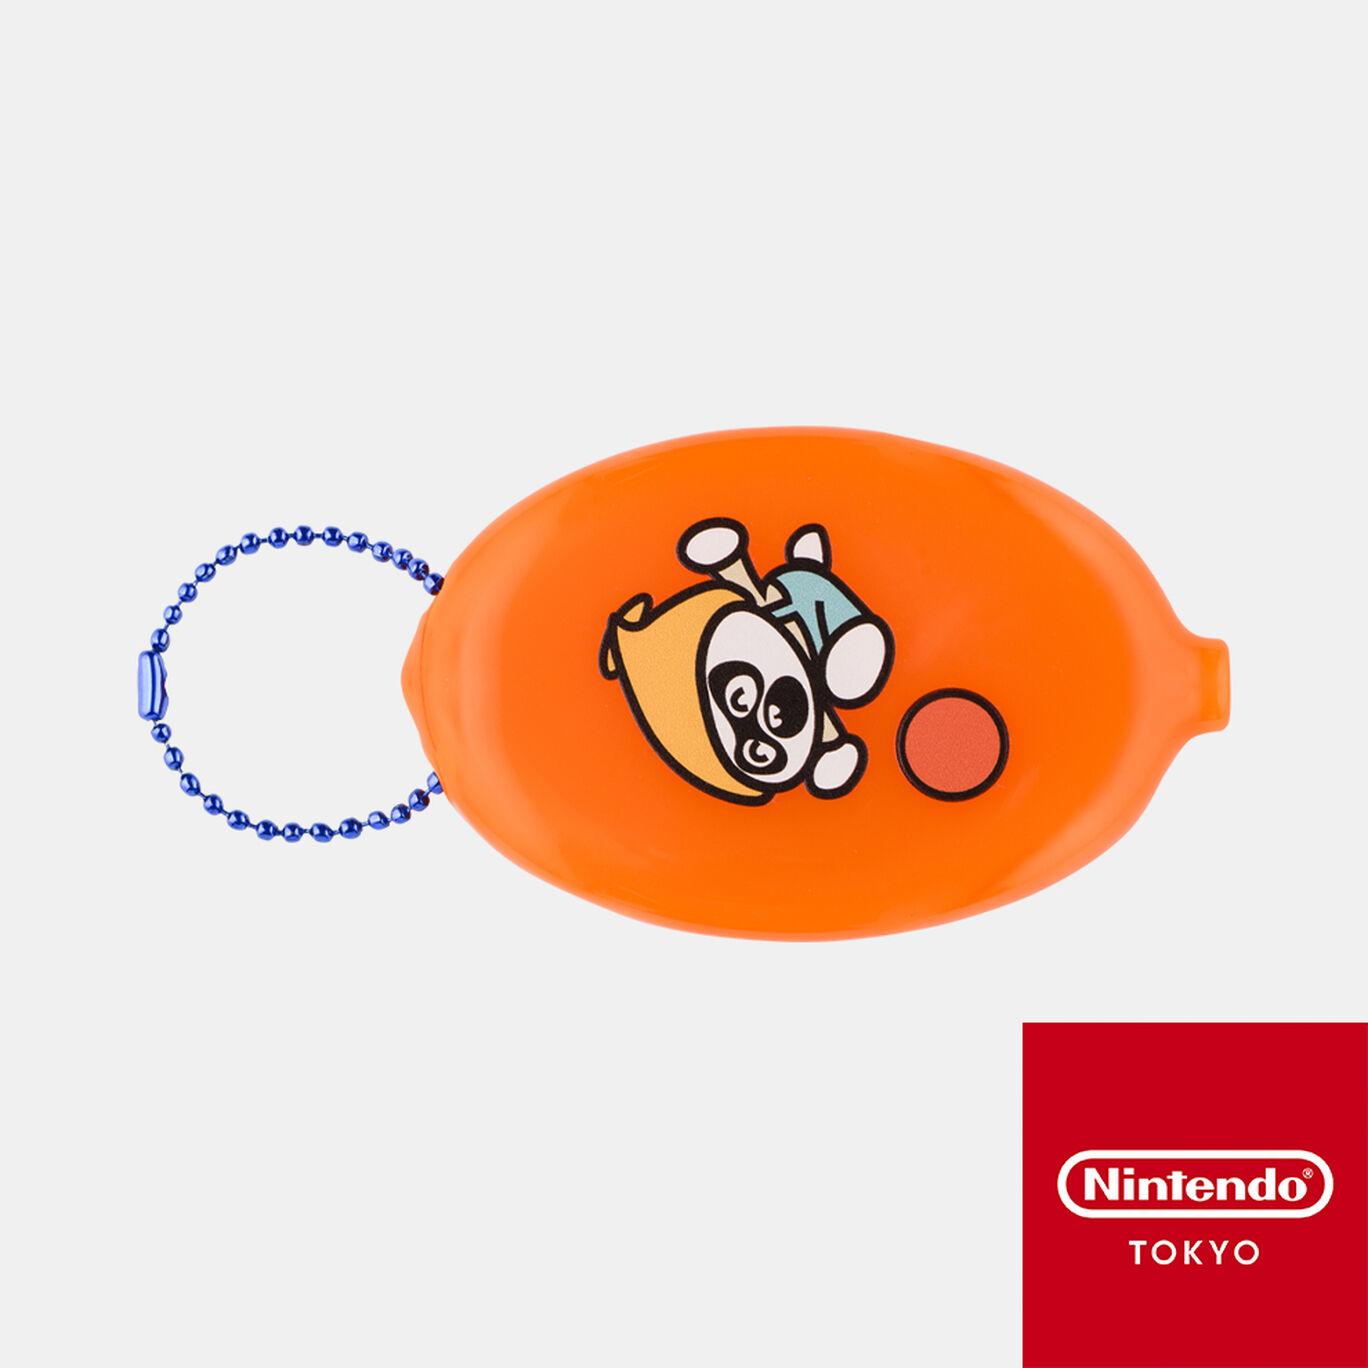 コインケース オレンジ INK YOU UP【Nintendo TOKYO取り扱い商品】